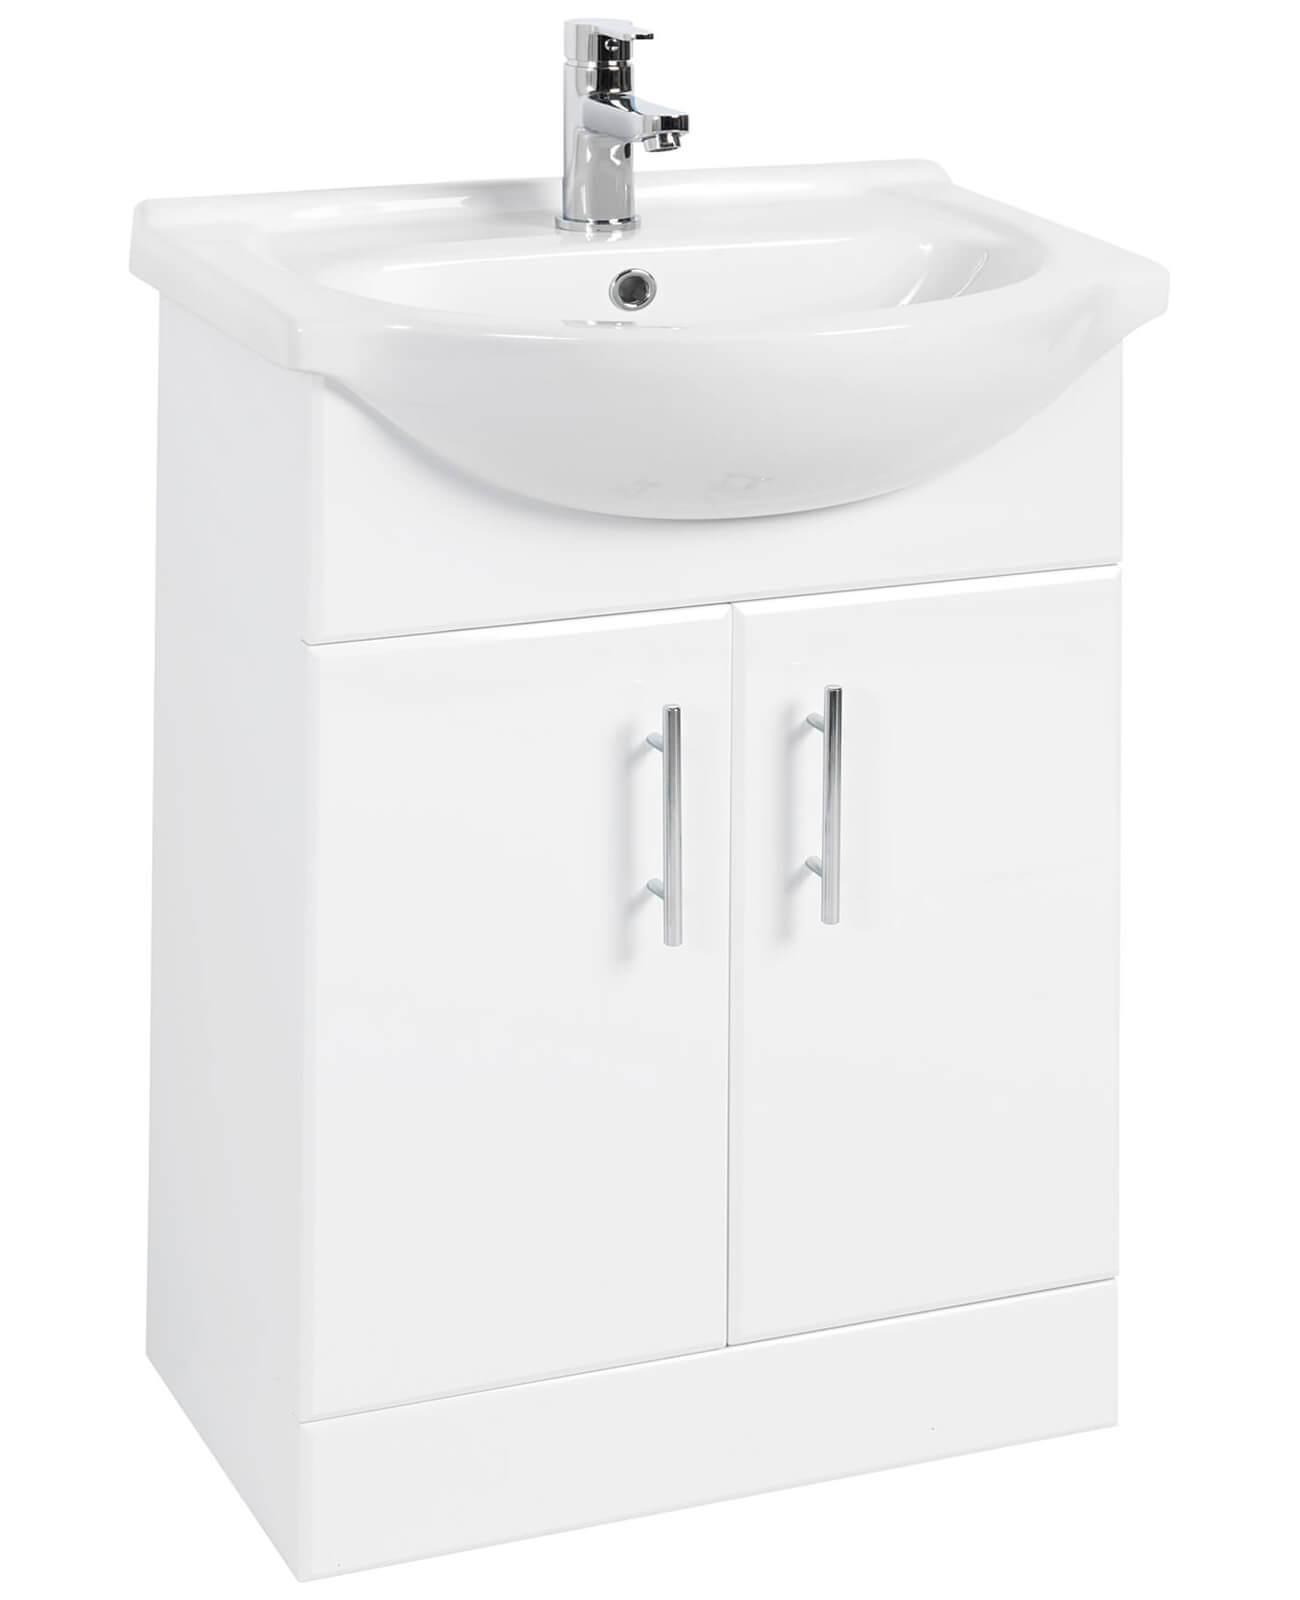 Premier Mayford 550mm Double Door Bathroom Vanity Unit And Basin   PRC102